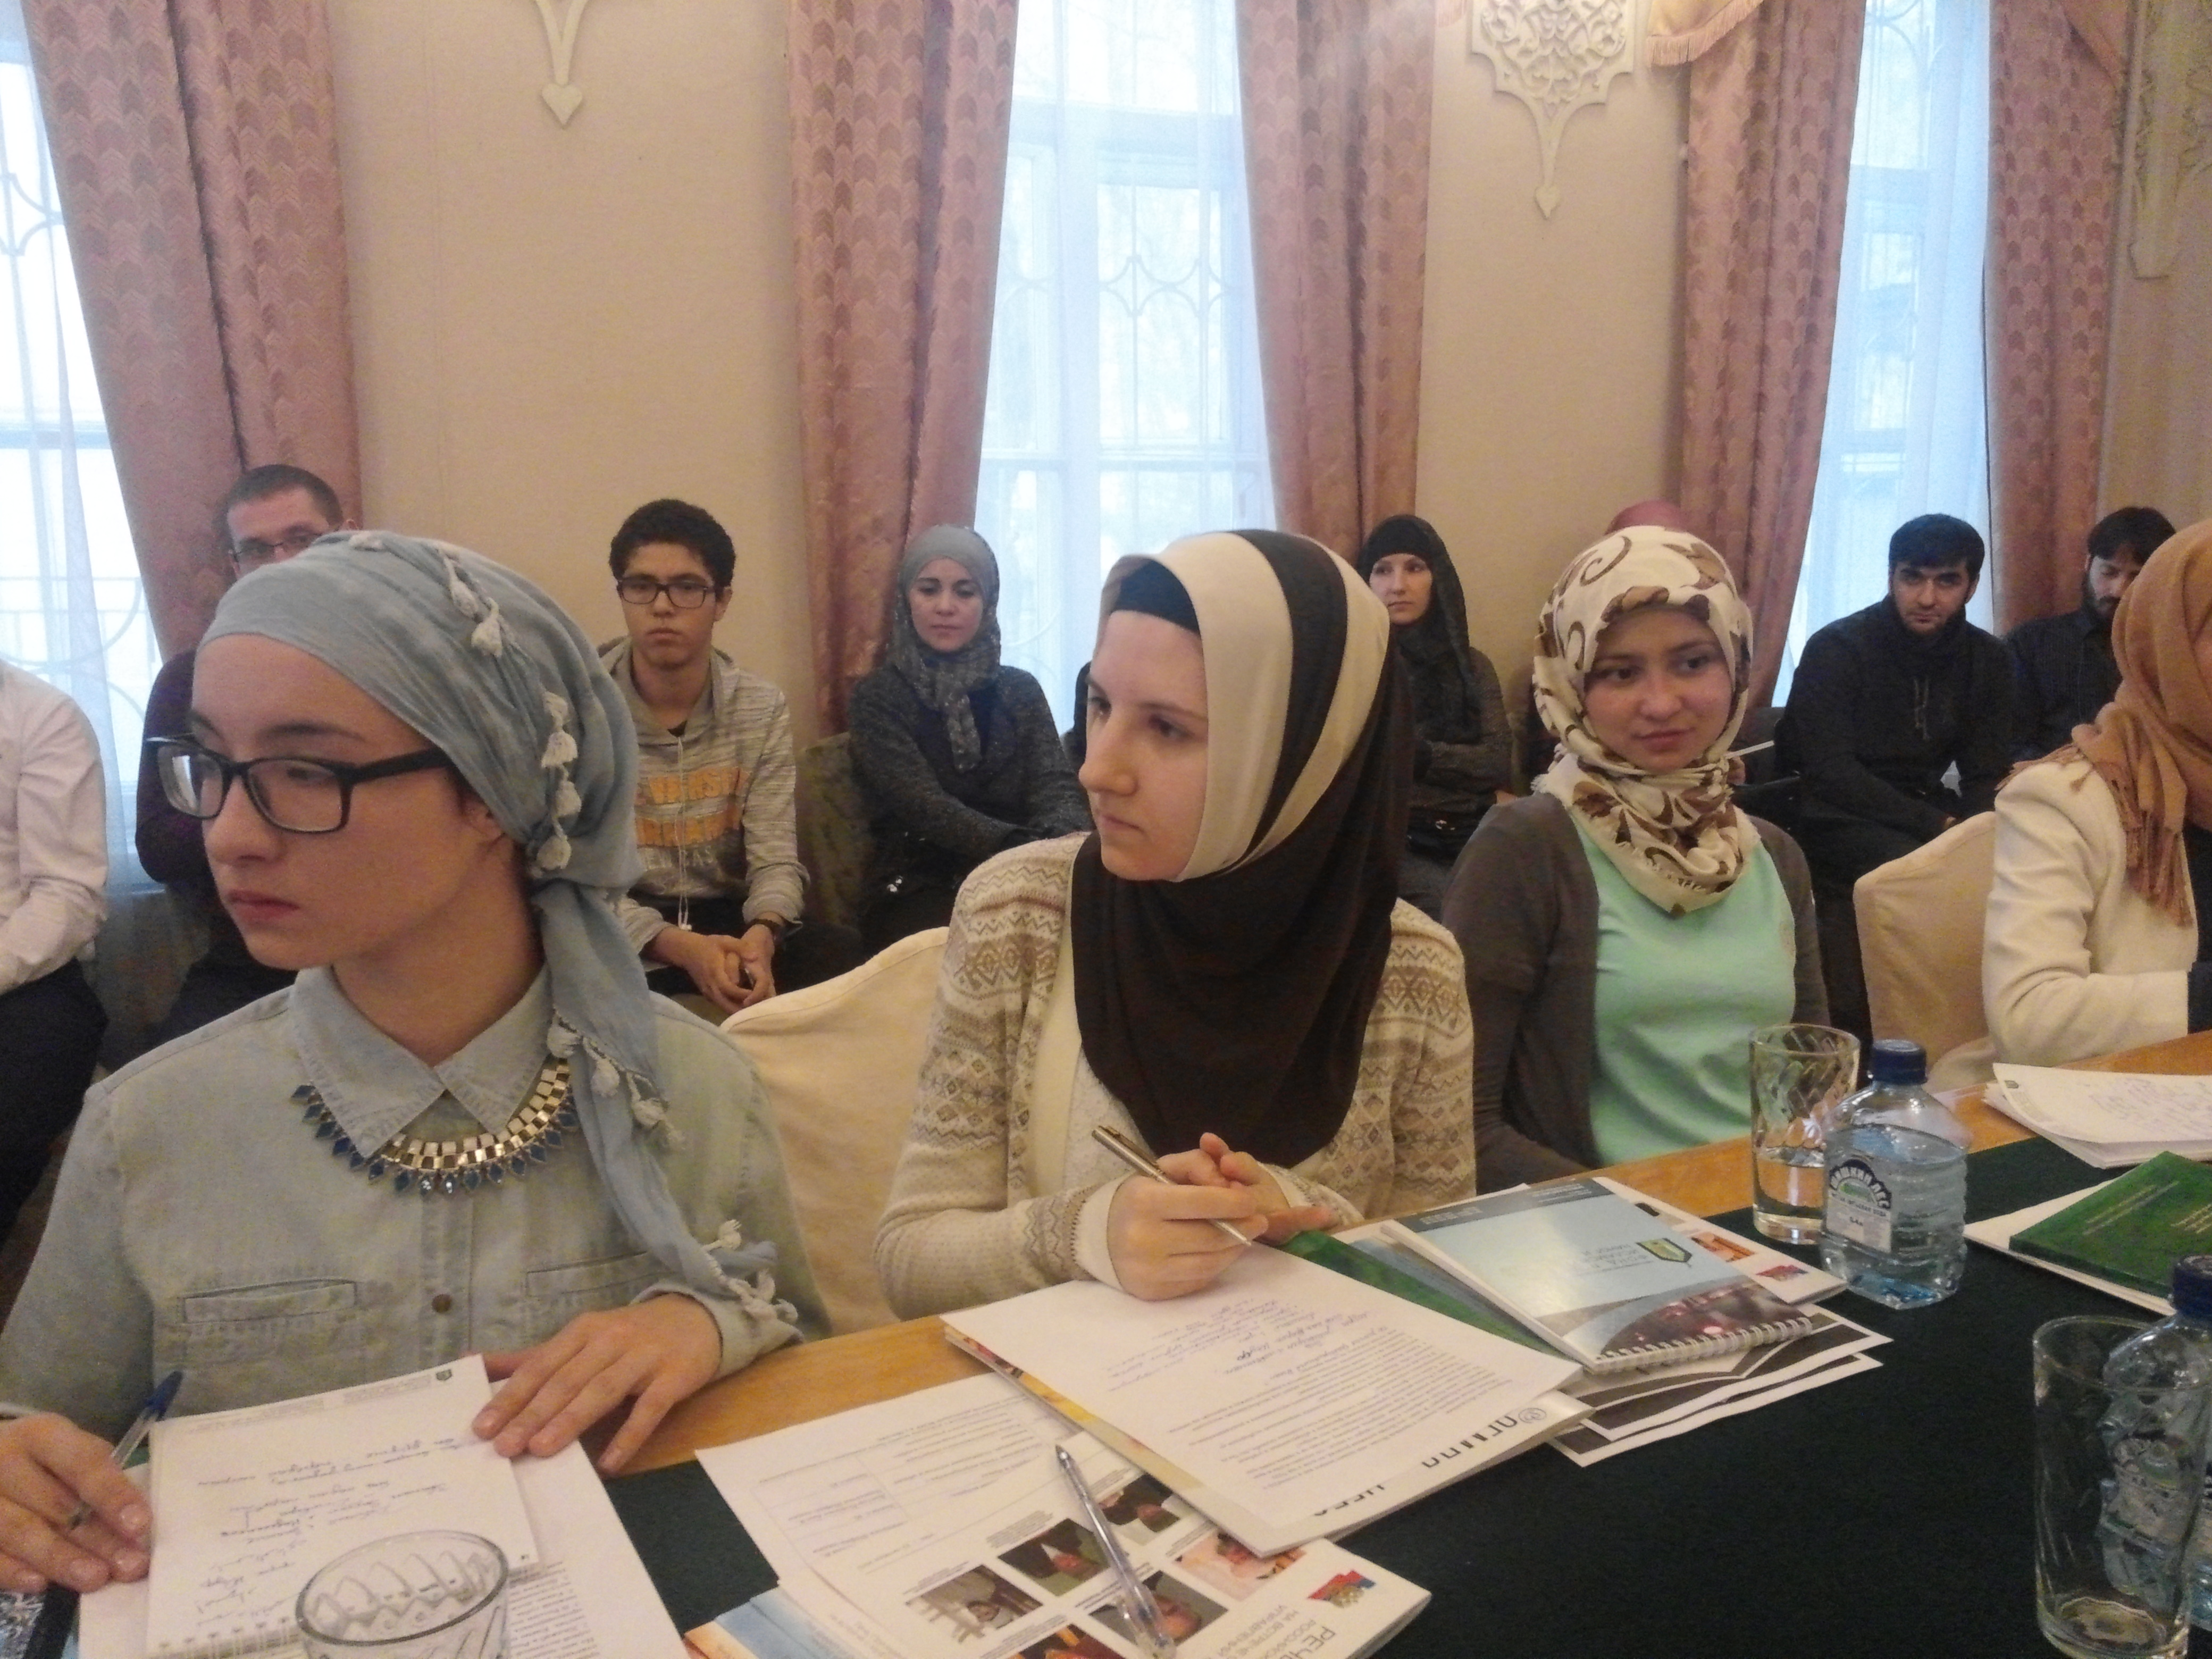 В центре Москвы открылась интеллектуальная площадка для мусульманской молодежи